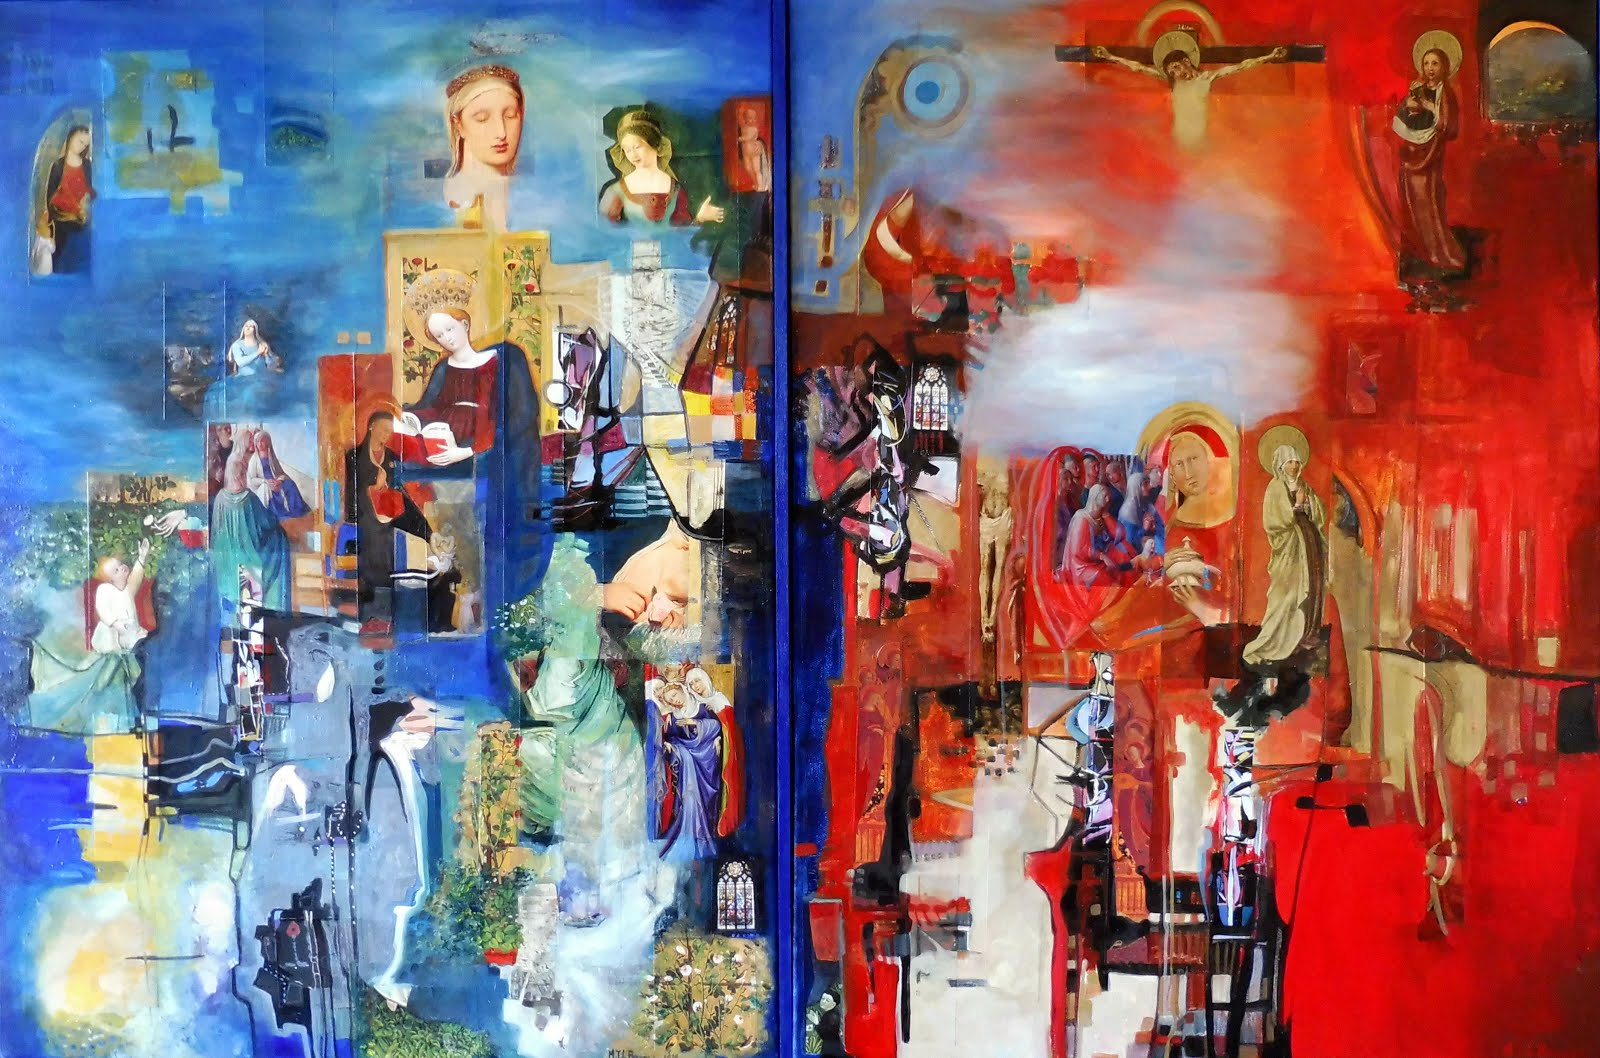 Marie en bleu et rouge - 120 x 81 cm - 2019